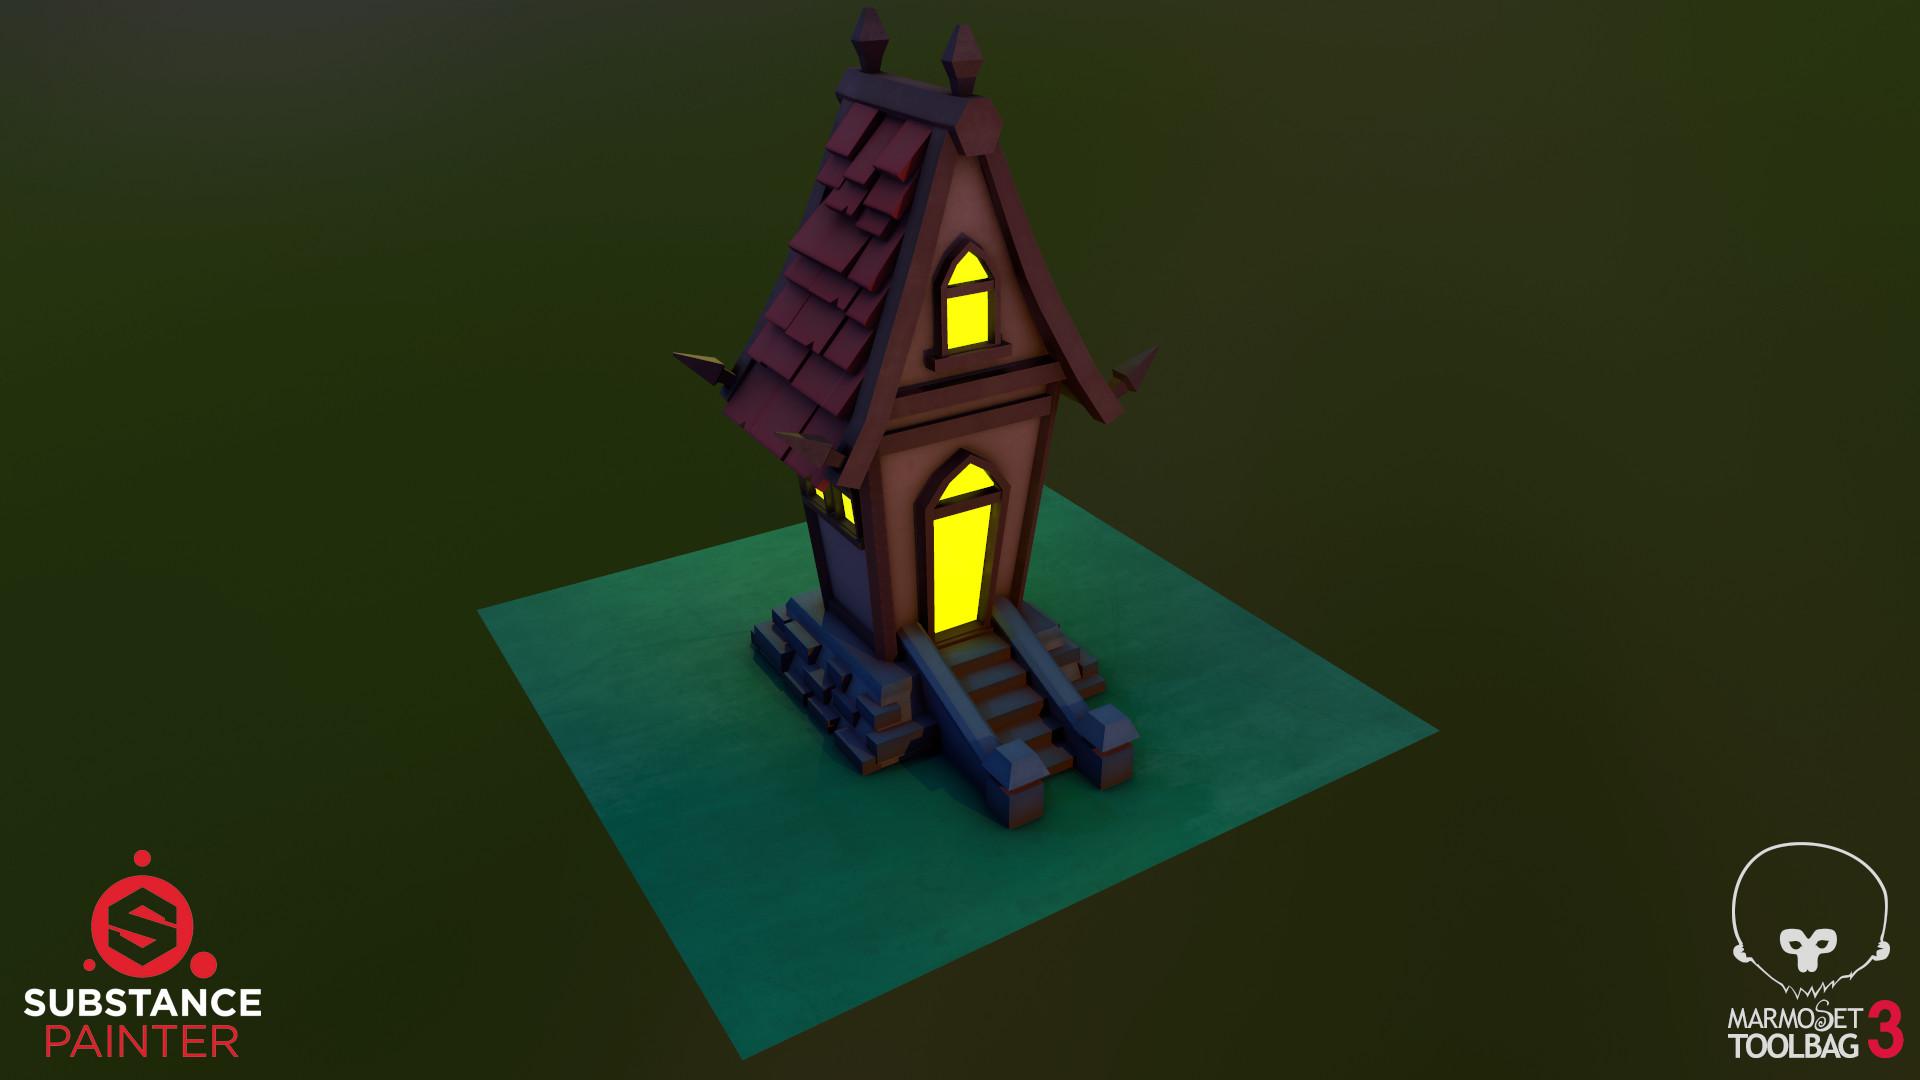 Alex Galagan Stylized Small House